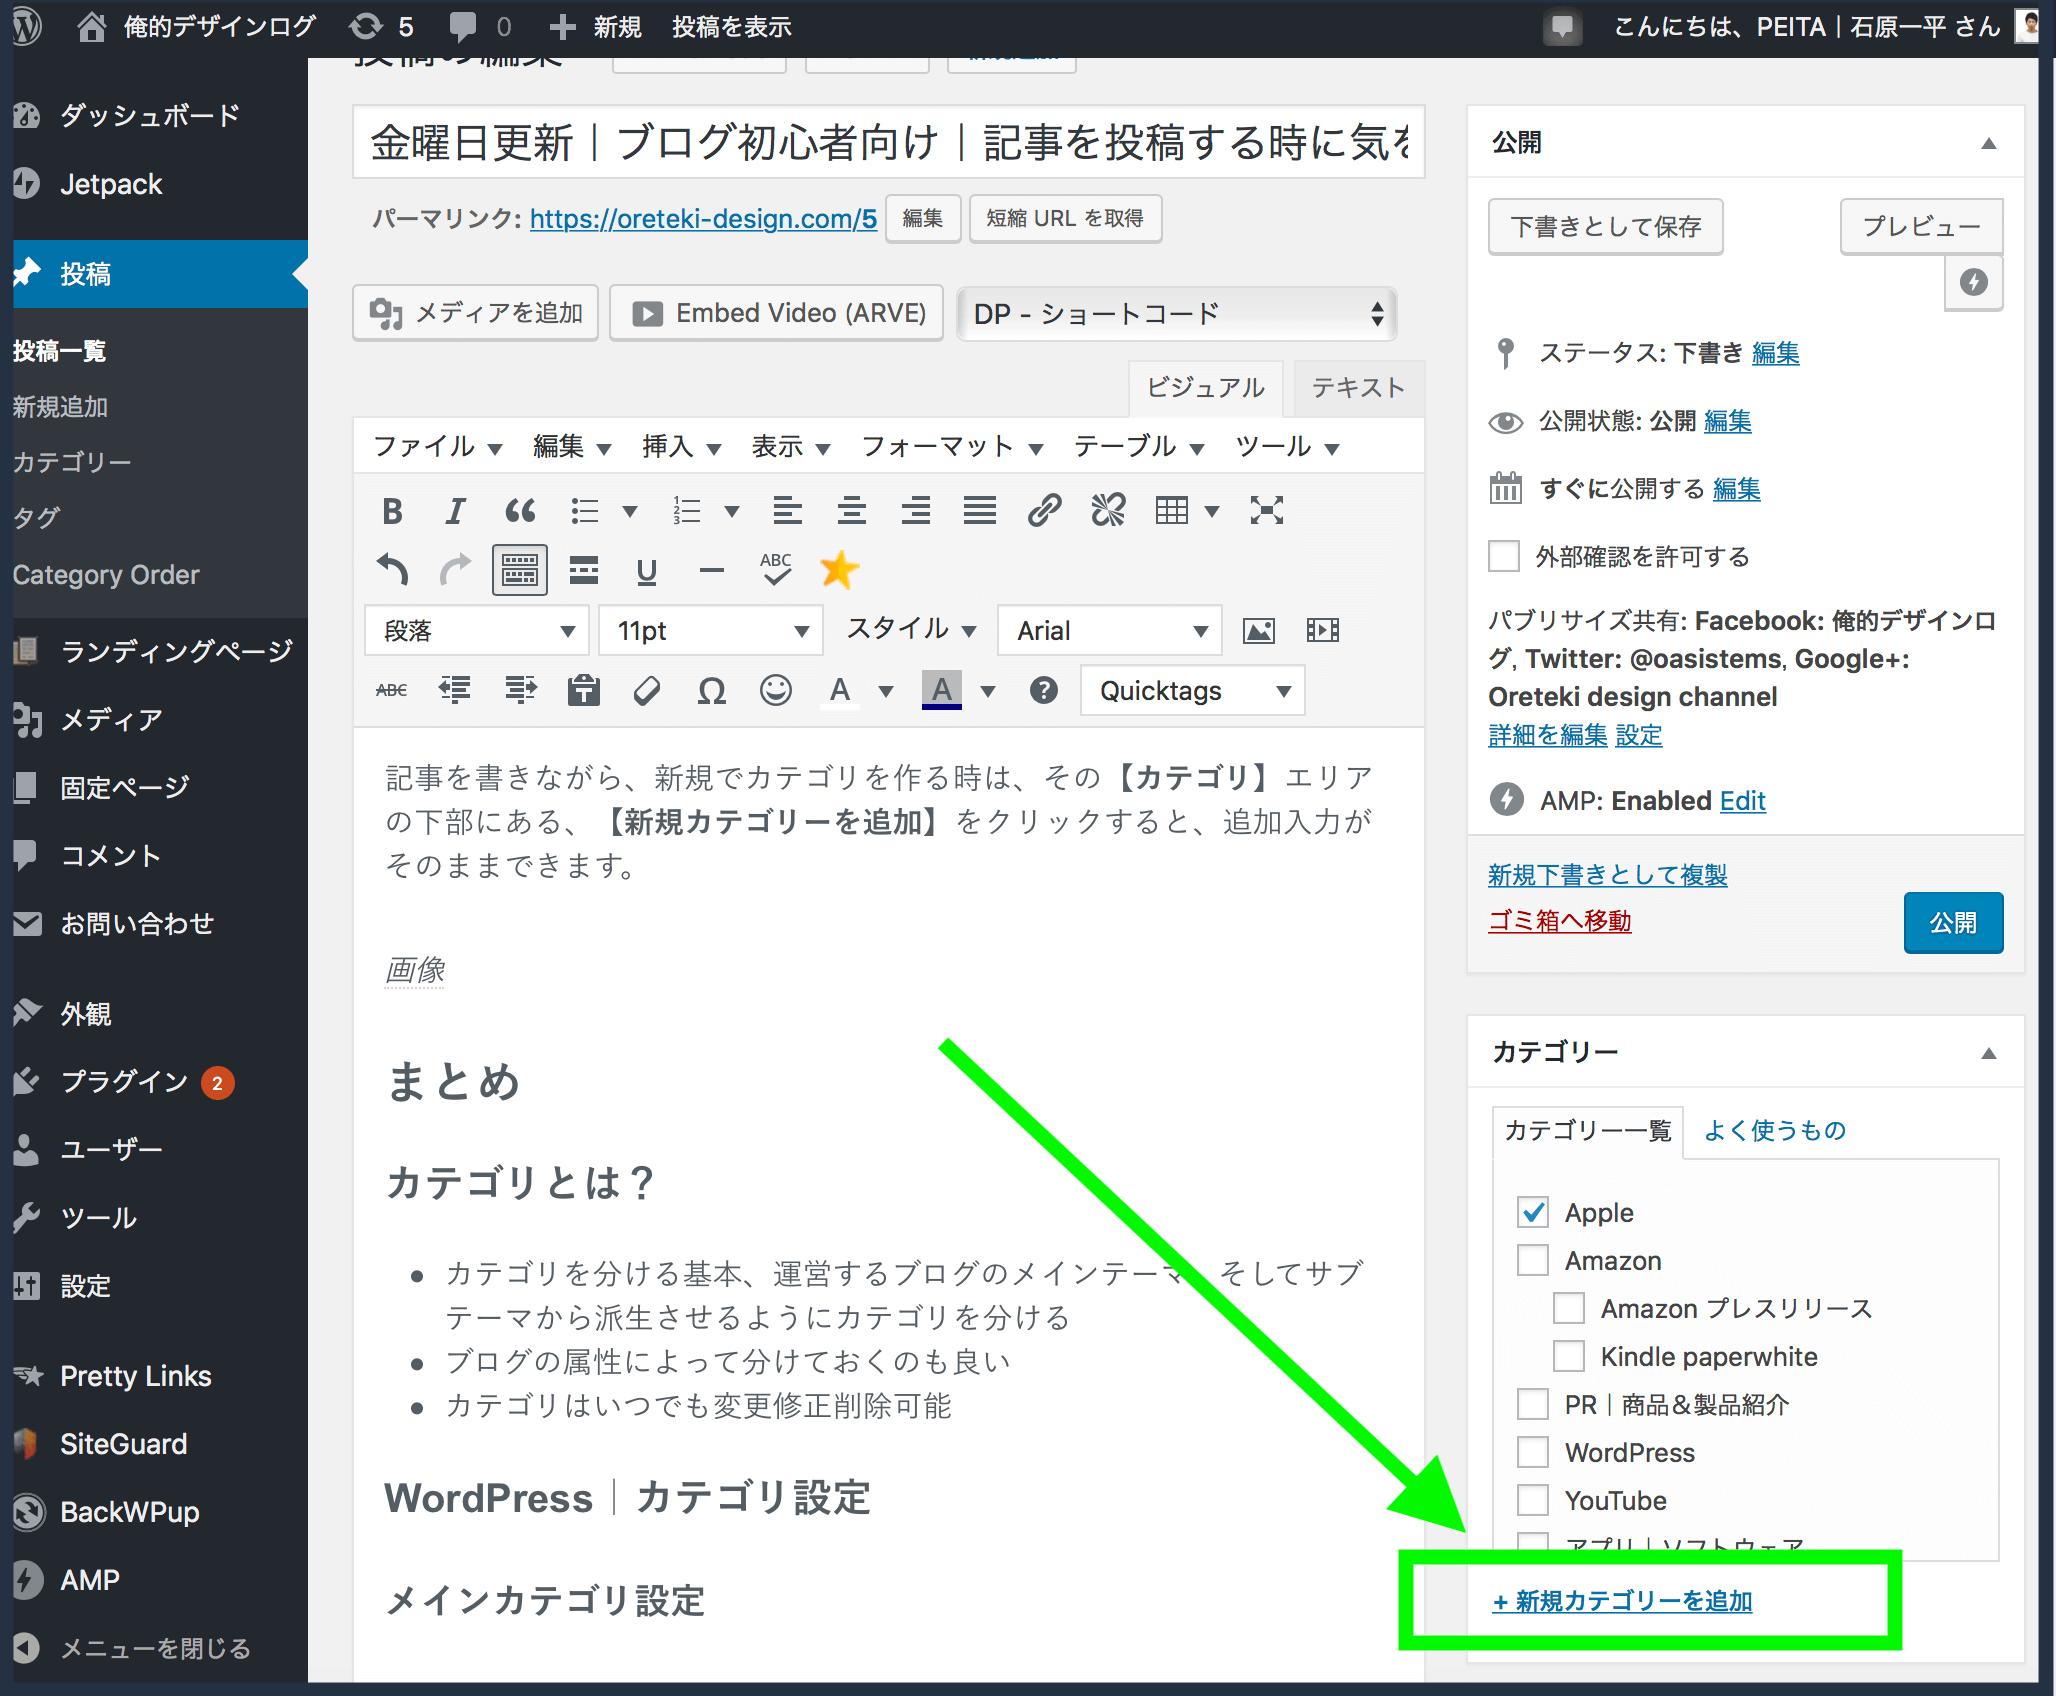 WordPressで記事を投稿する時にカテゴリを設定している画像